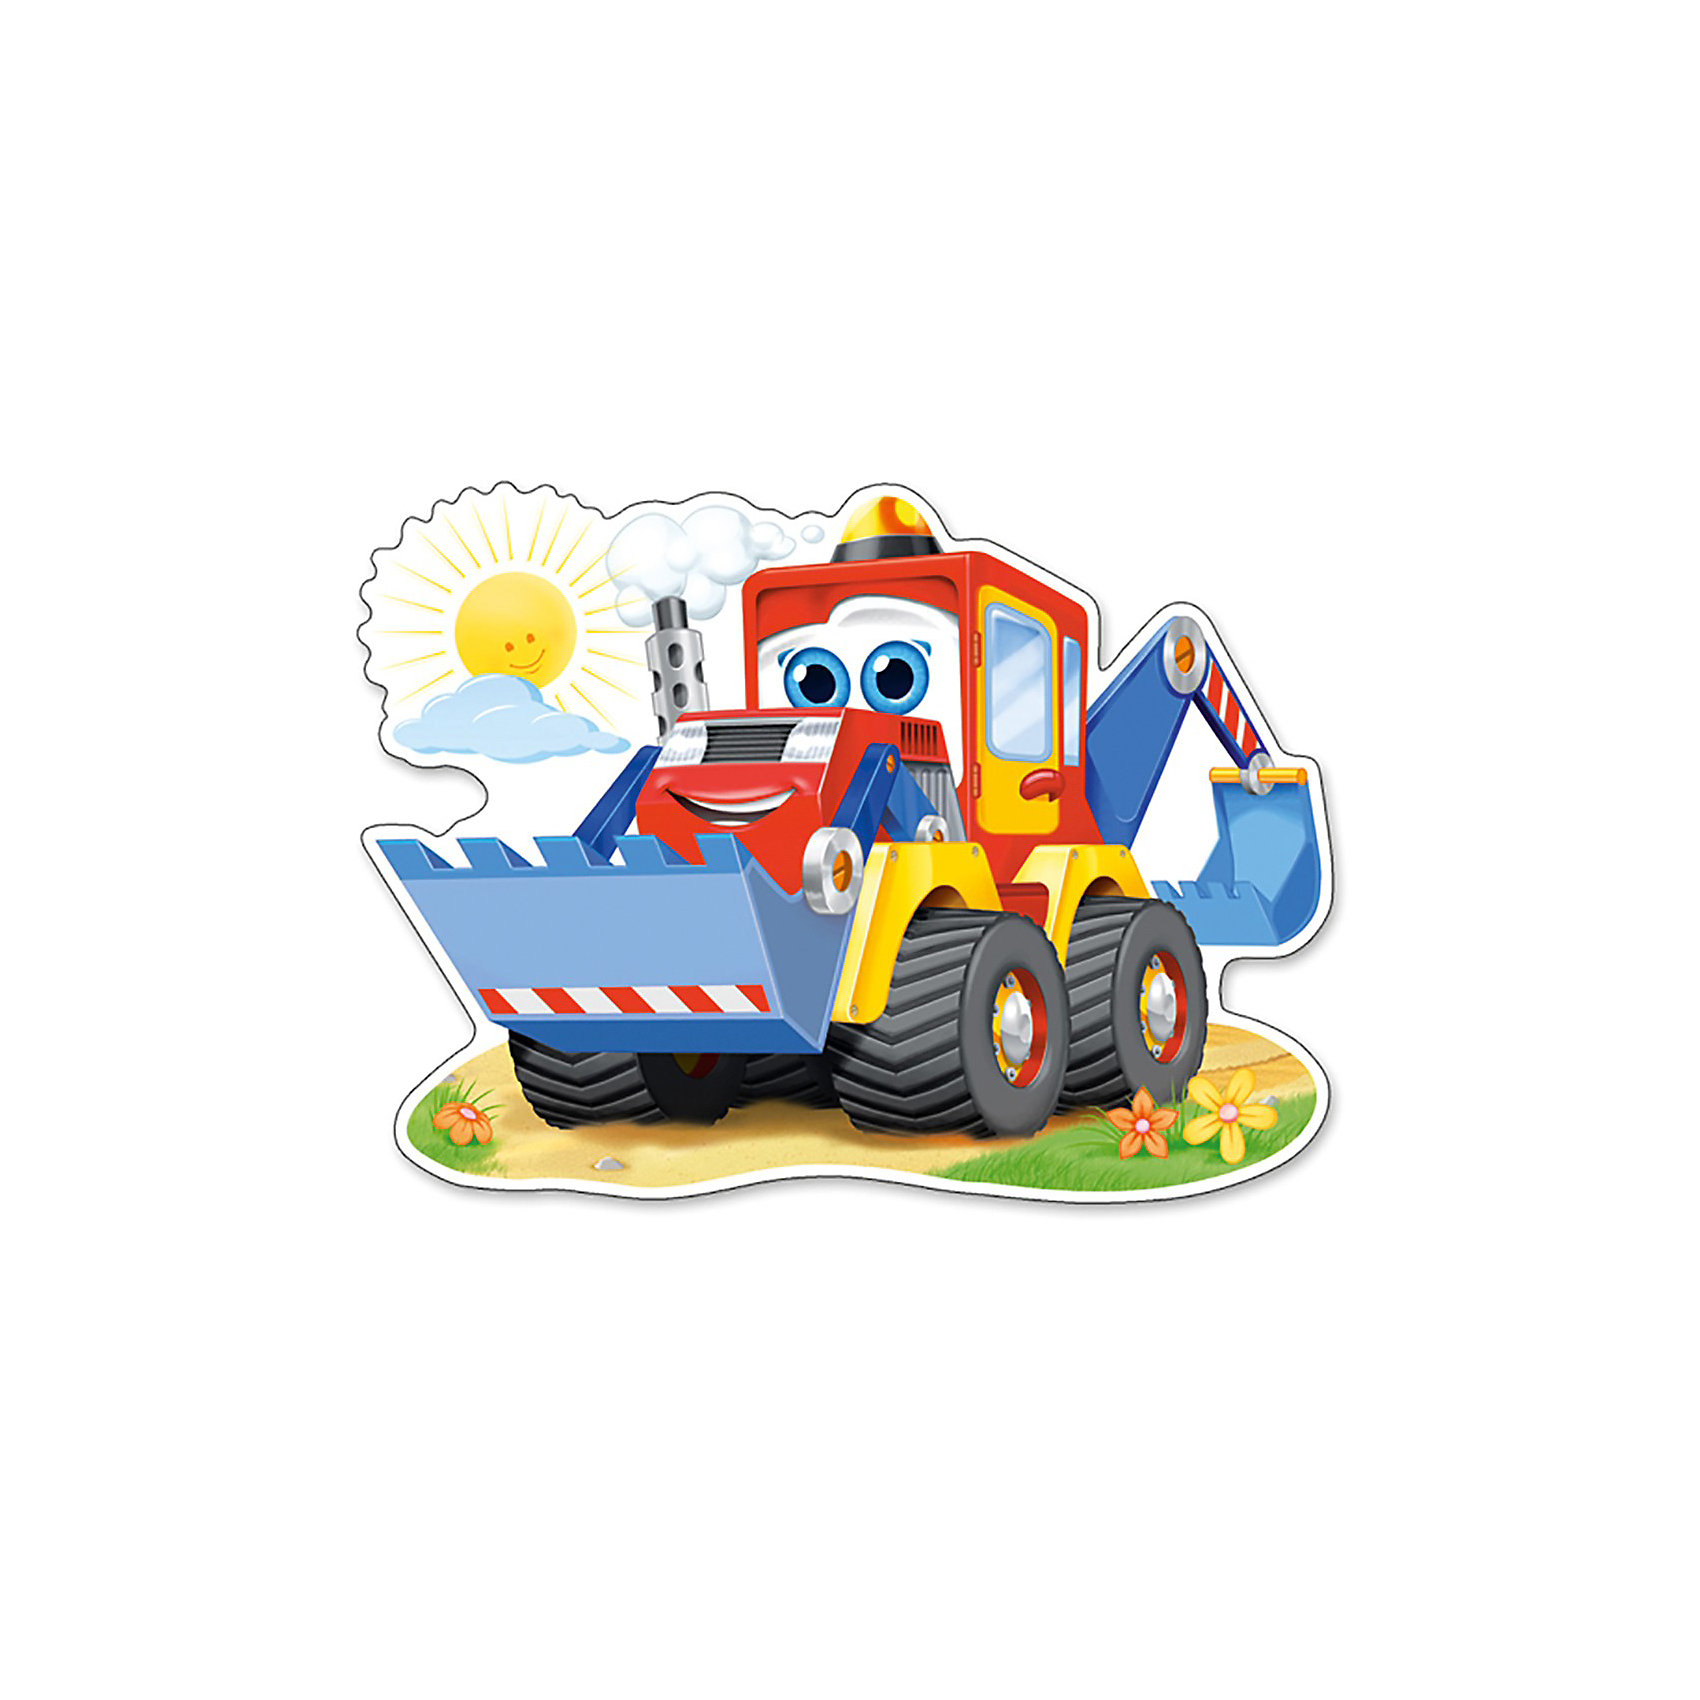 Castorland Пазл  Забавный экскаватор, 12 деталей MAXI, Castorland castorland пазл летний полет winx club 60 деталей castorland